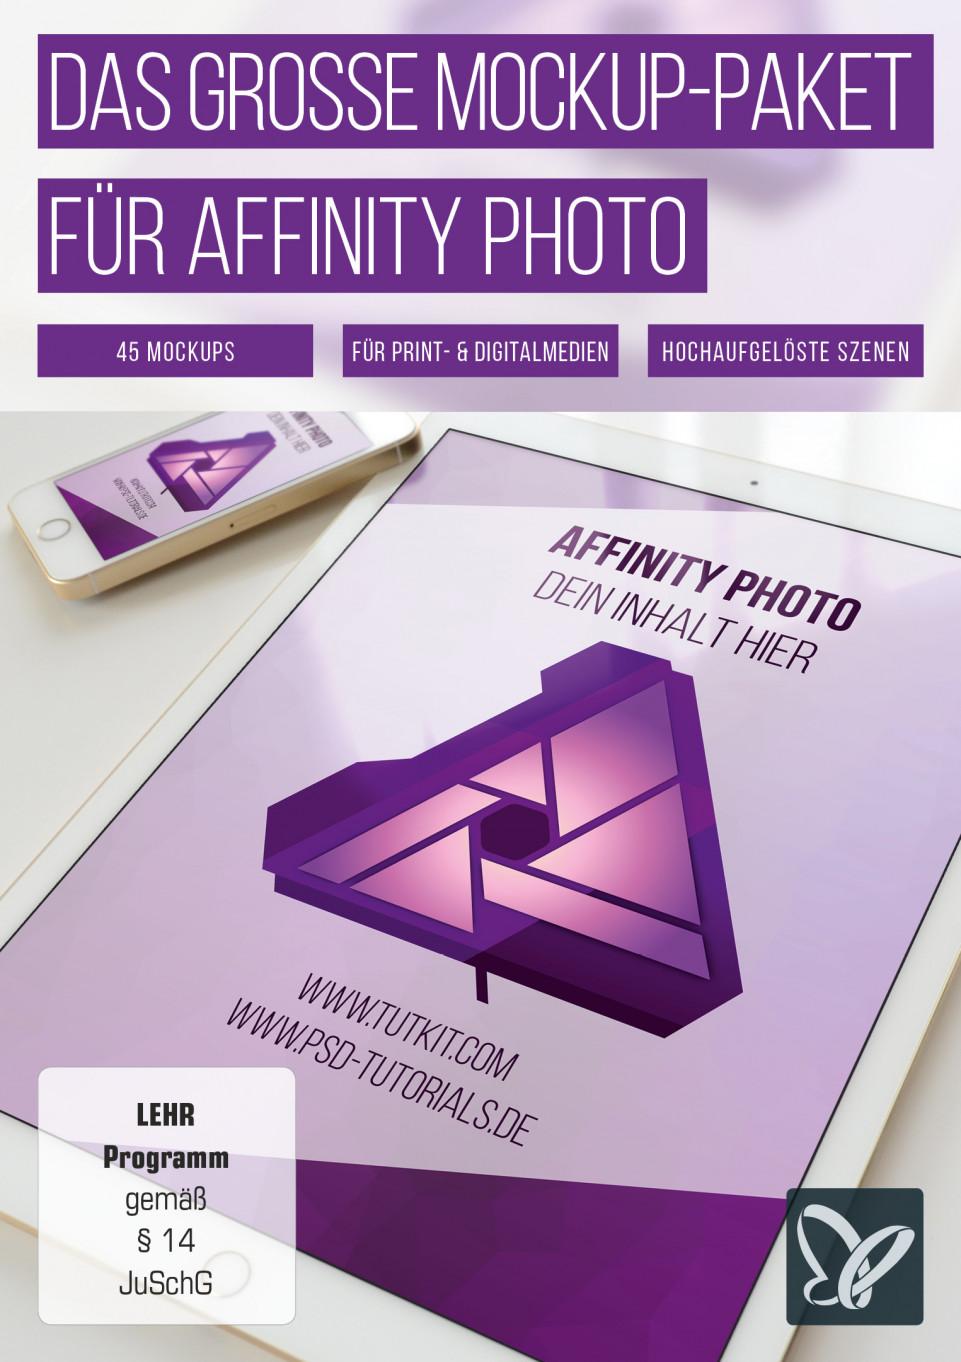 Das große Mockup-Paket für Affinity Photo